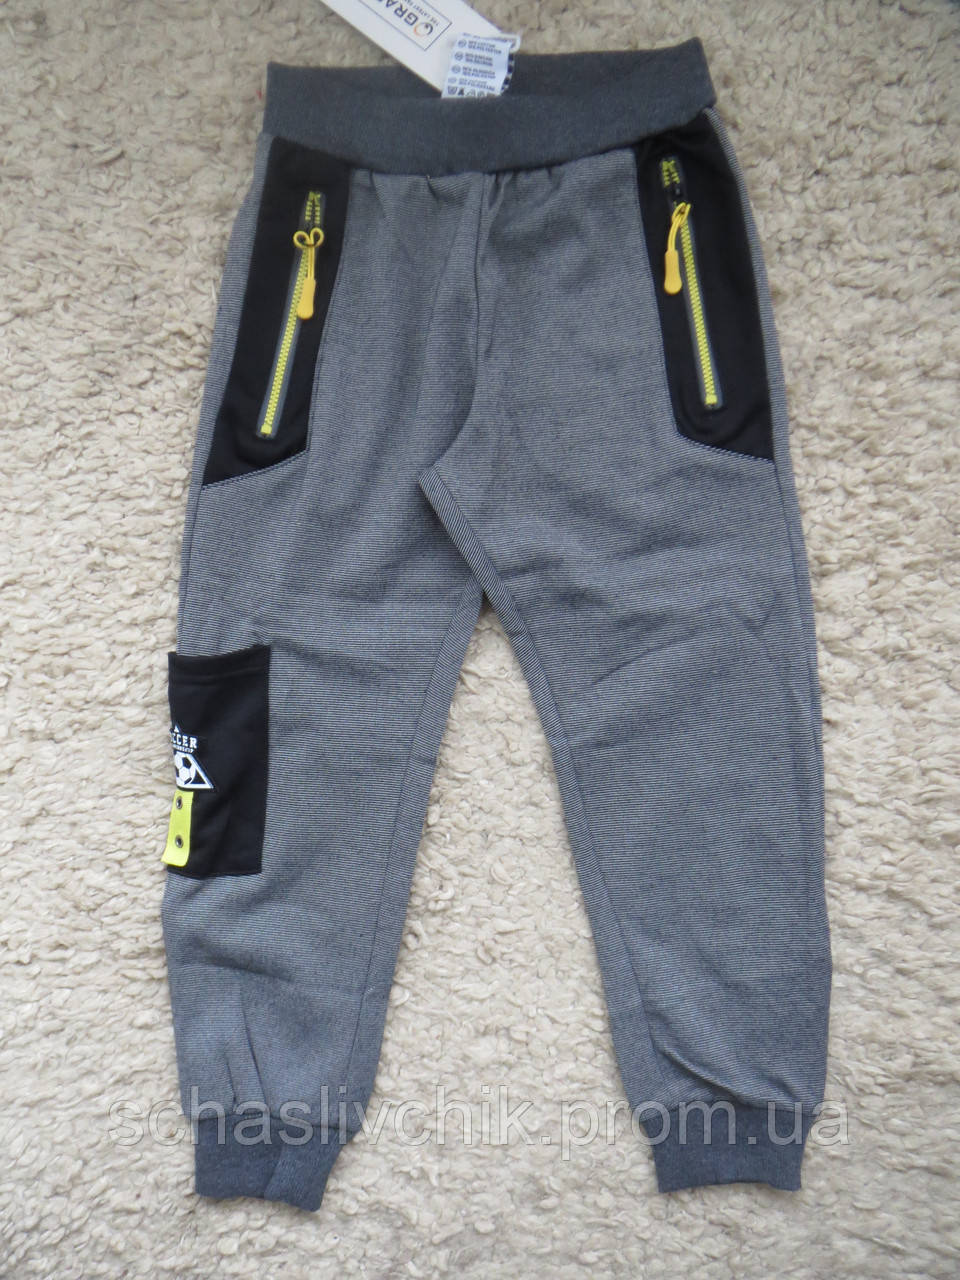 Трикотажные спортивные штаны для мальчиков оптом.Размеры 98-128.Фирма Grace .Венгрия